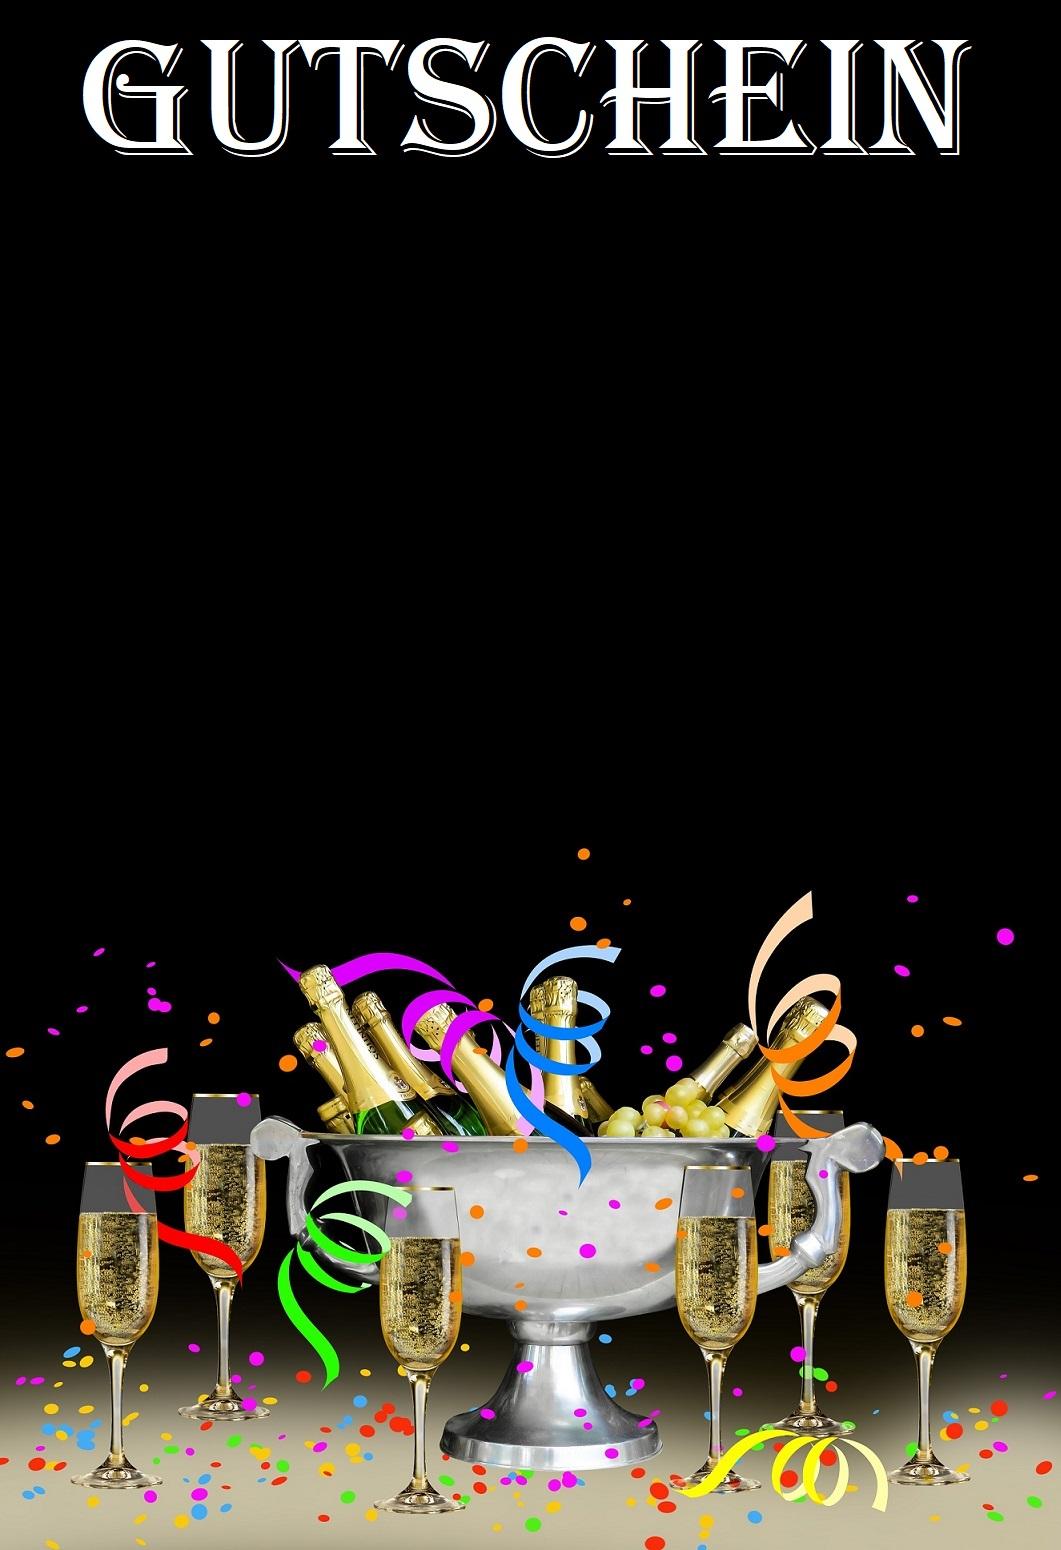 Gutschein Vorlage Geburtstag 4